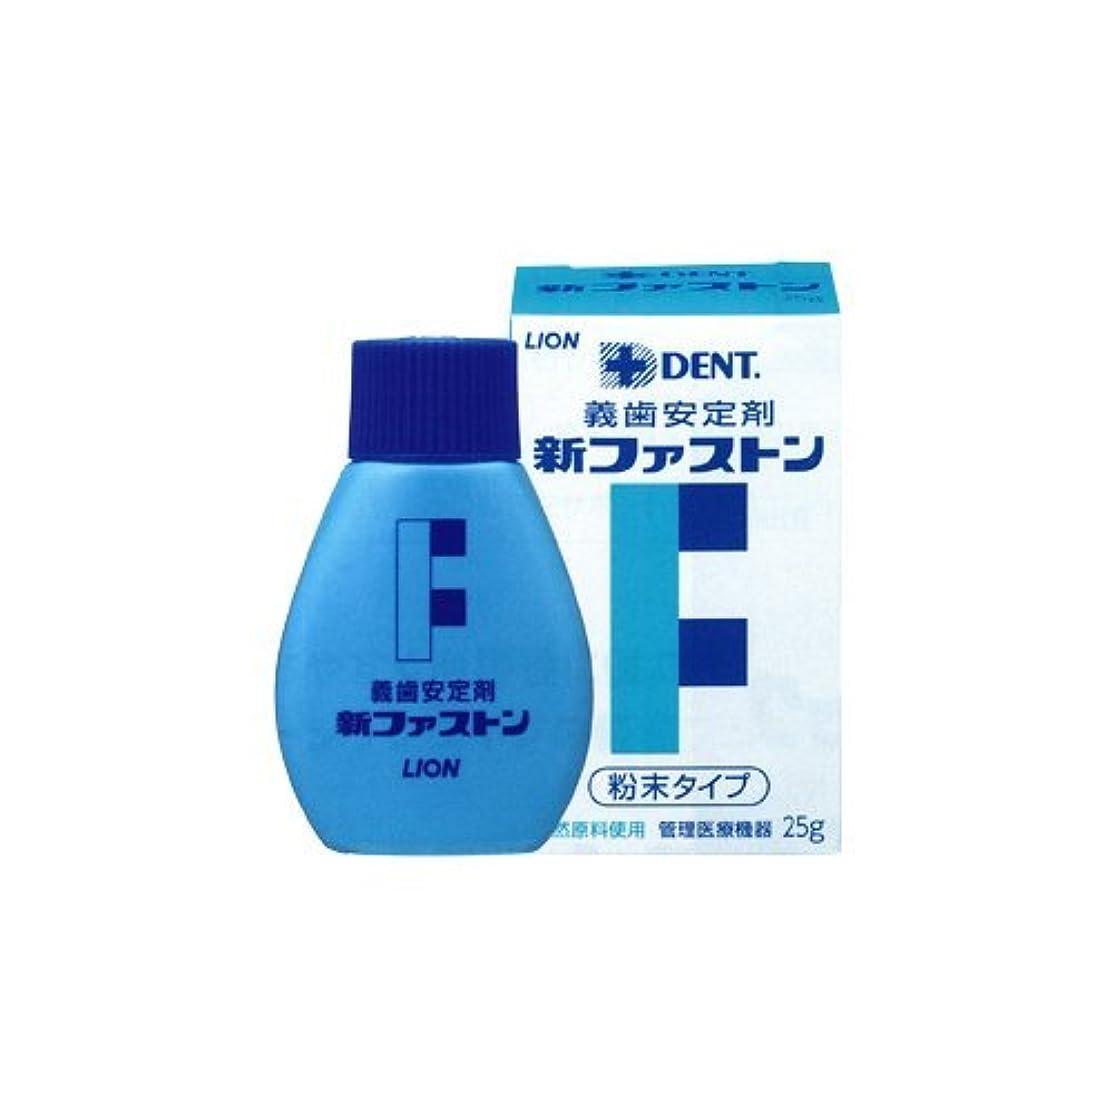 フォーマット火曜日石灰岩ライオン 新ファストン 25g 義歯安定剤